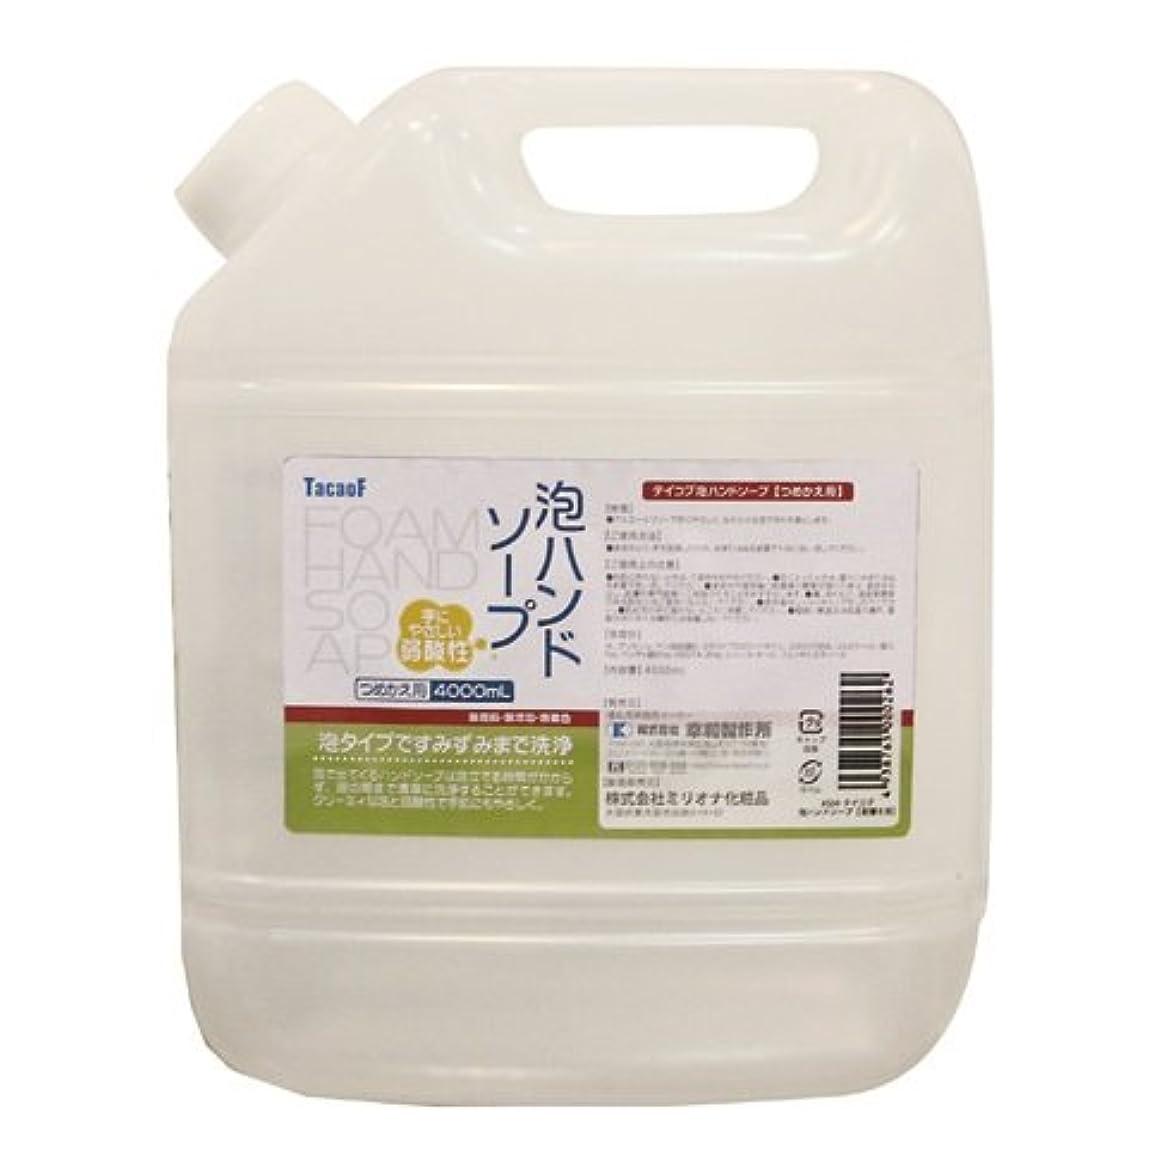 作るマーチャンダイジング養う幸和製作所 テイコブ泡ハンドソープ詰め替え用 4000ml